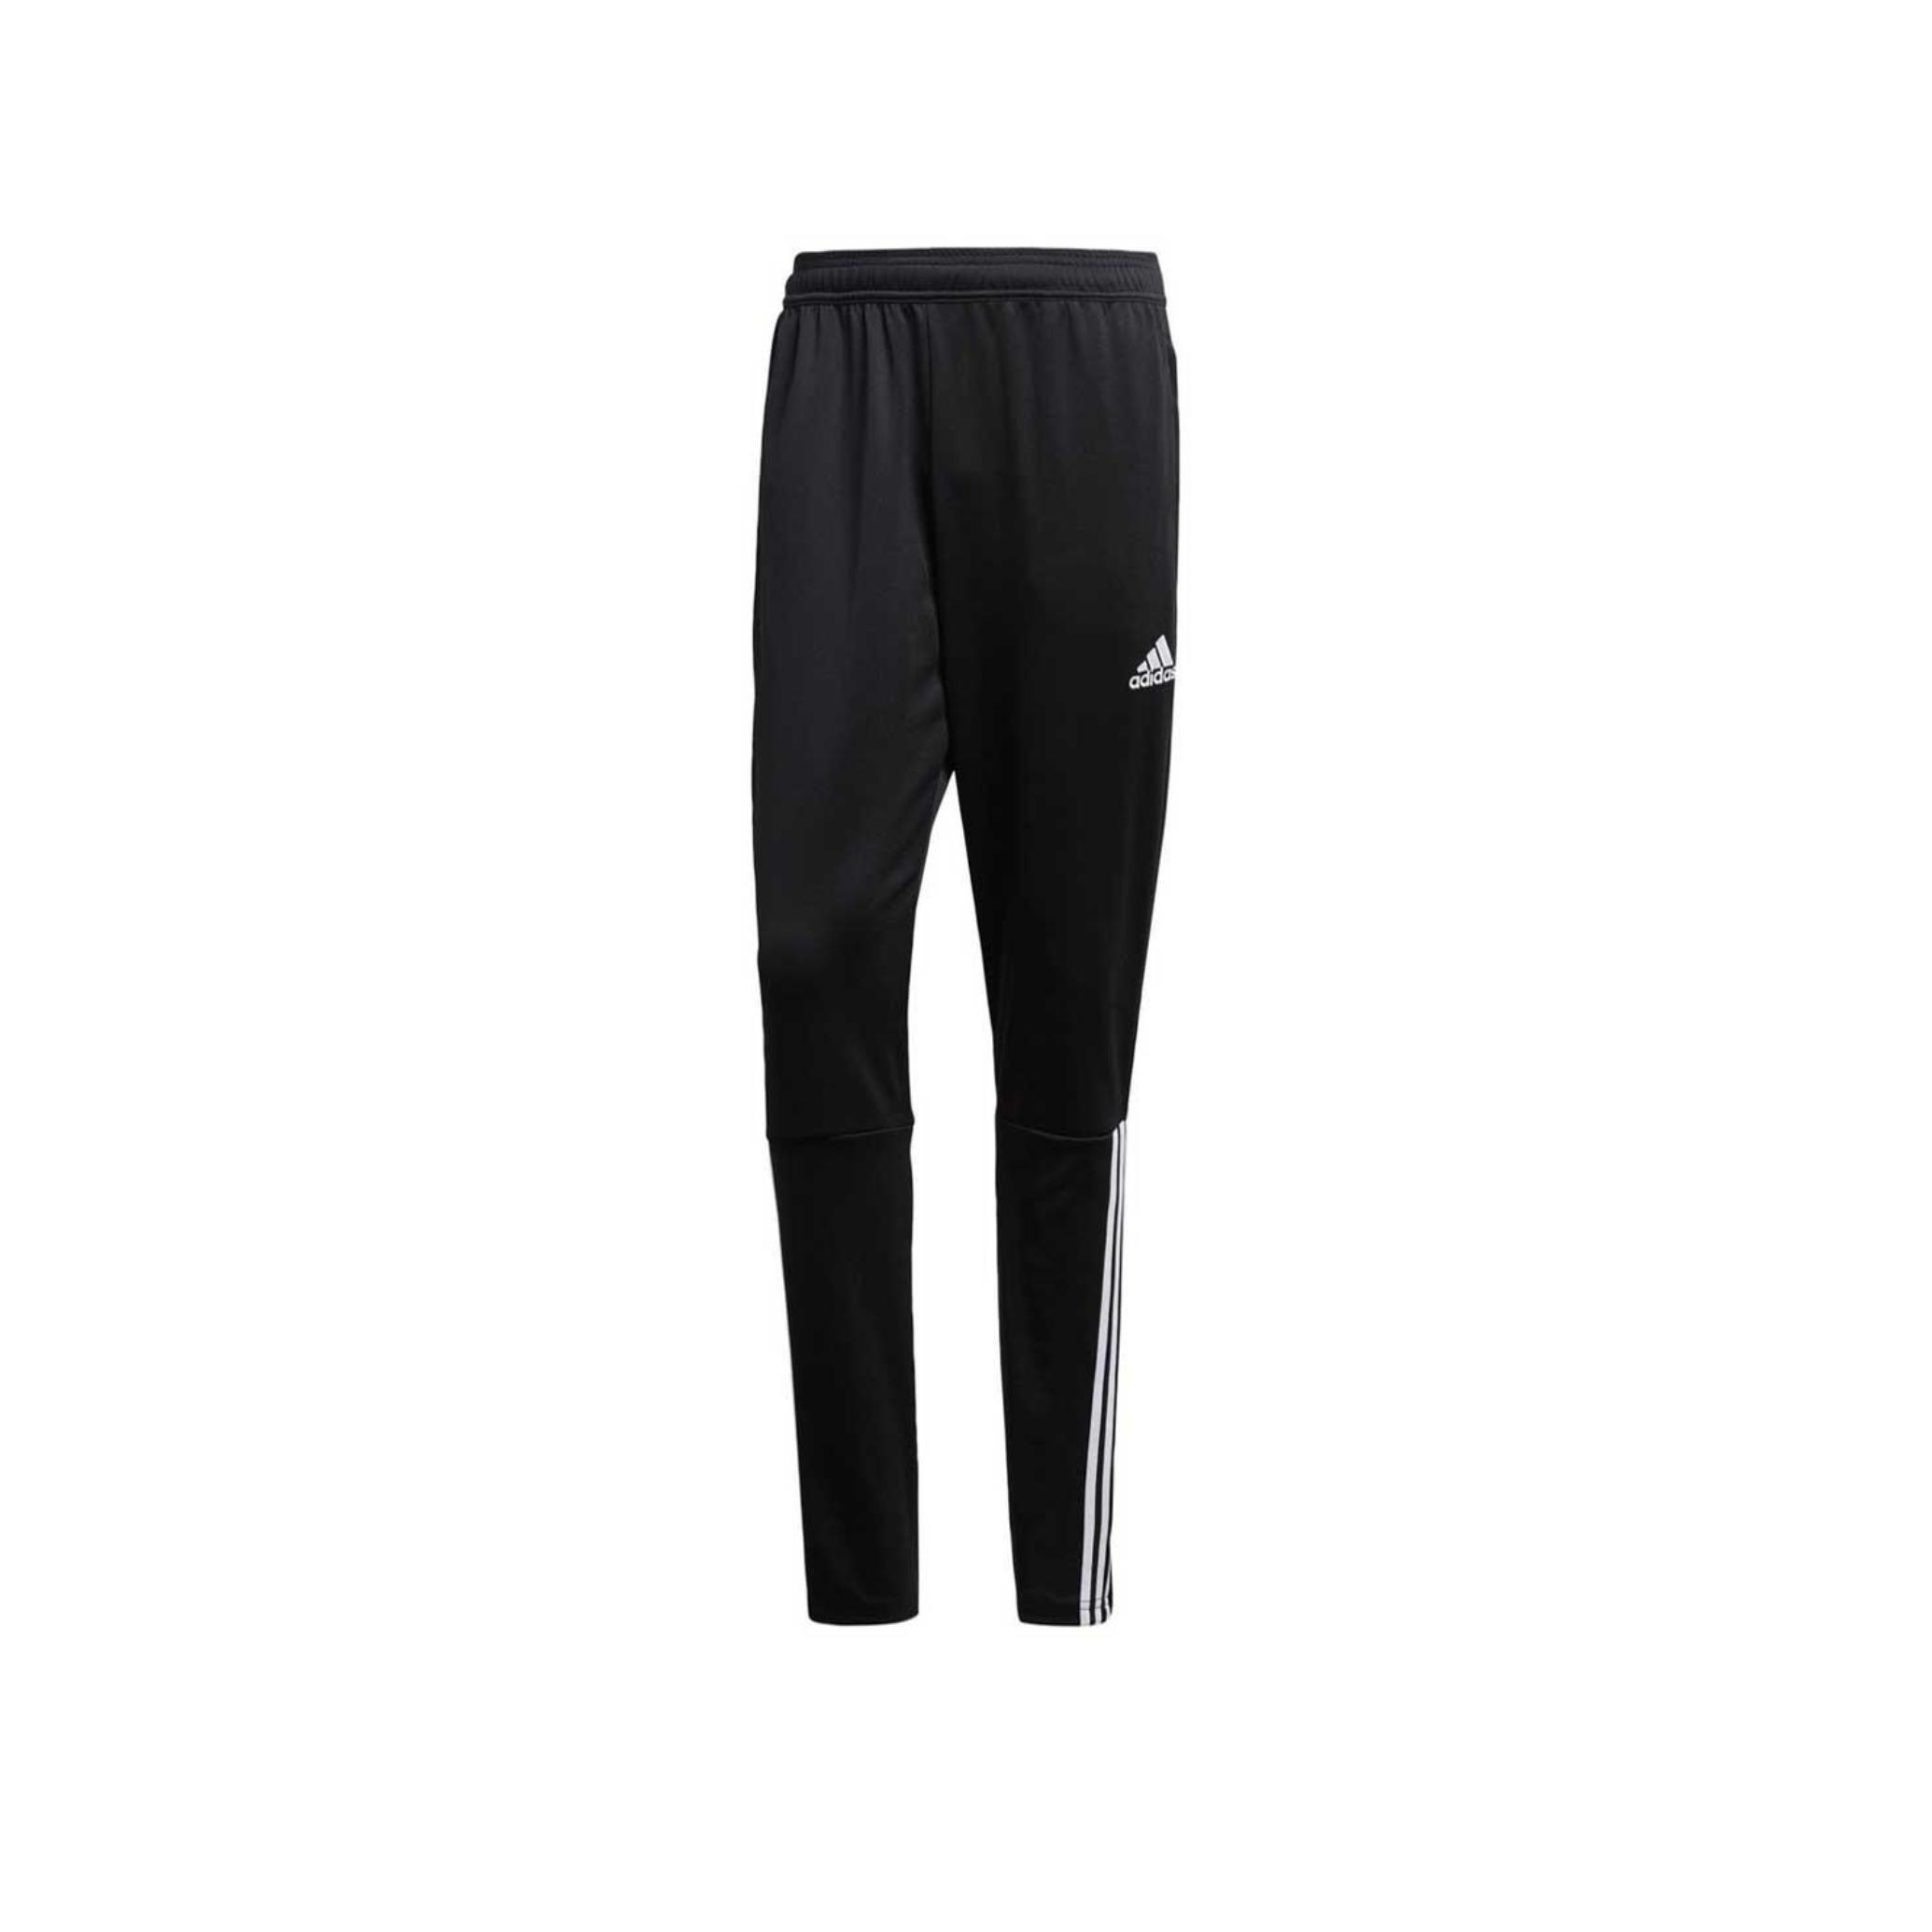 465294ce6d774 Pantalón de entrenamiento adulto regista negro blanco jpg 250x250 Publicidad  pantalon sudaderas deportivas